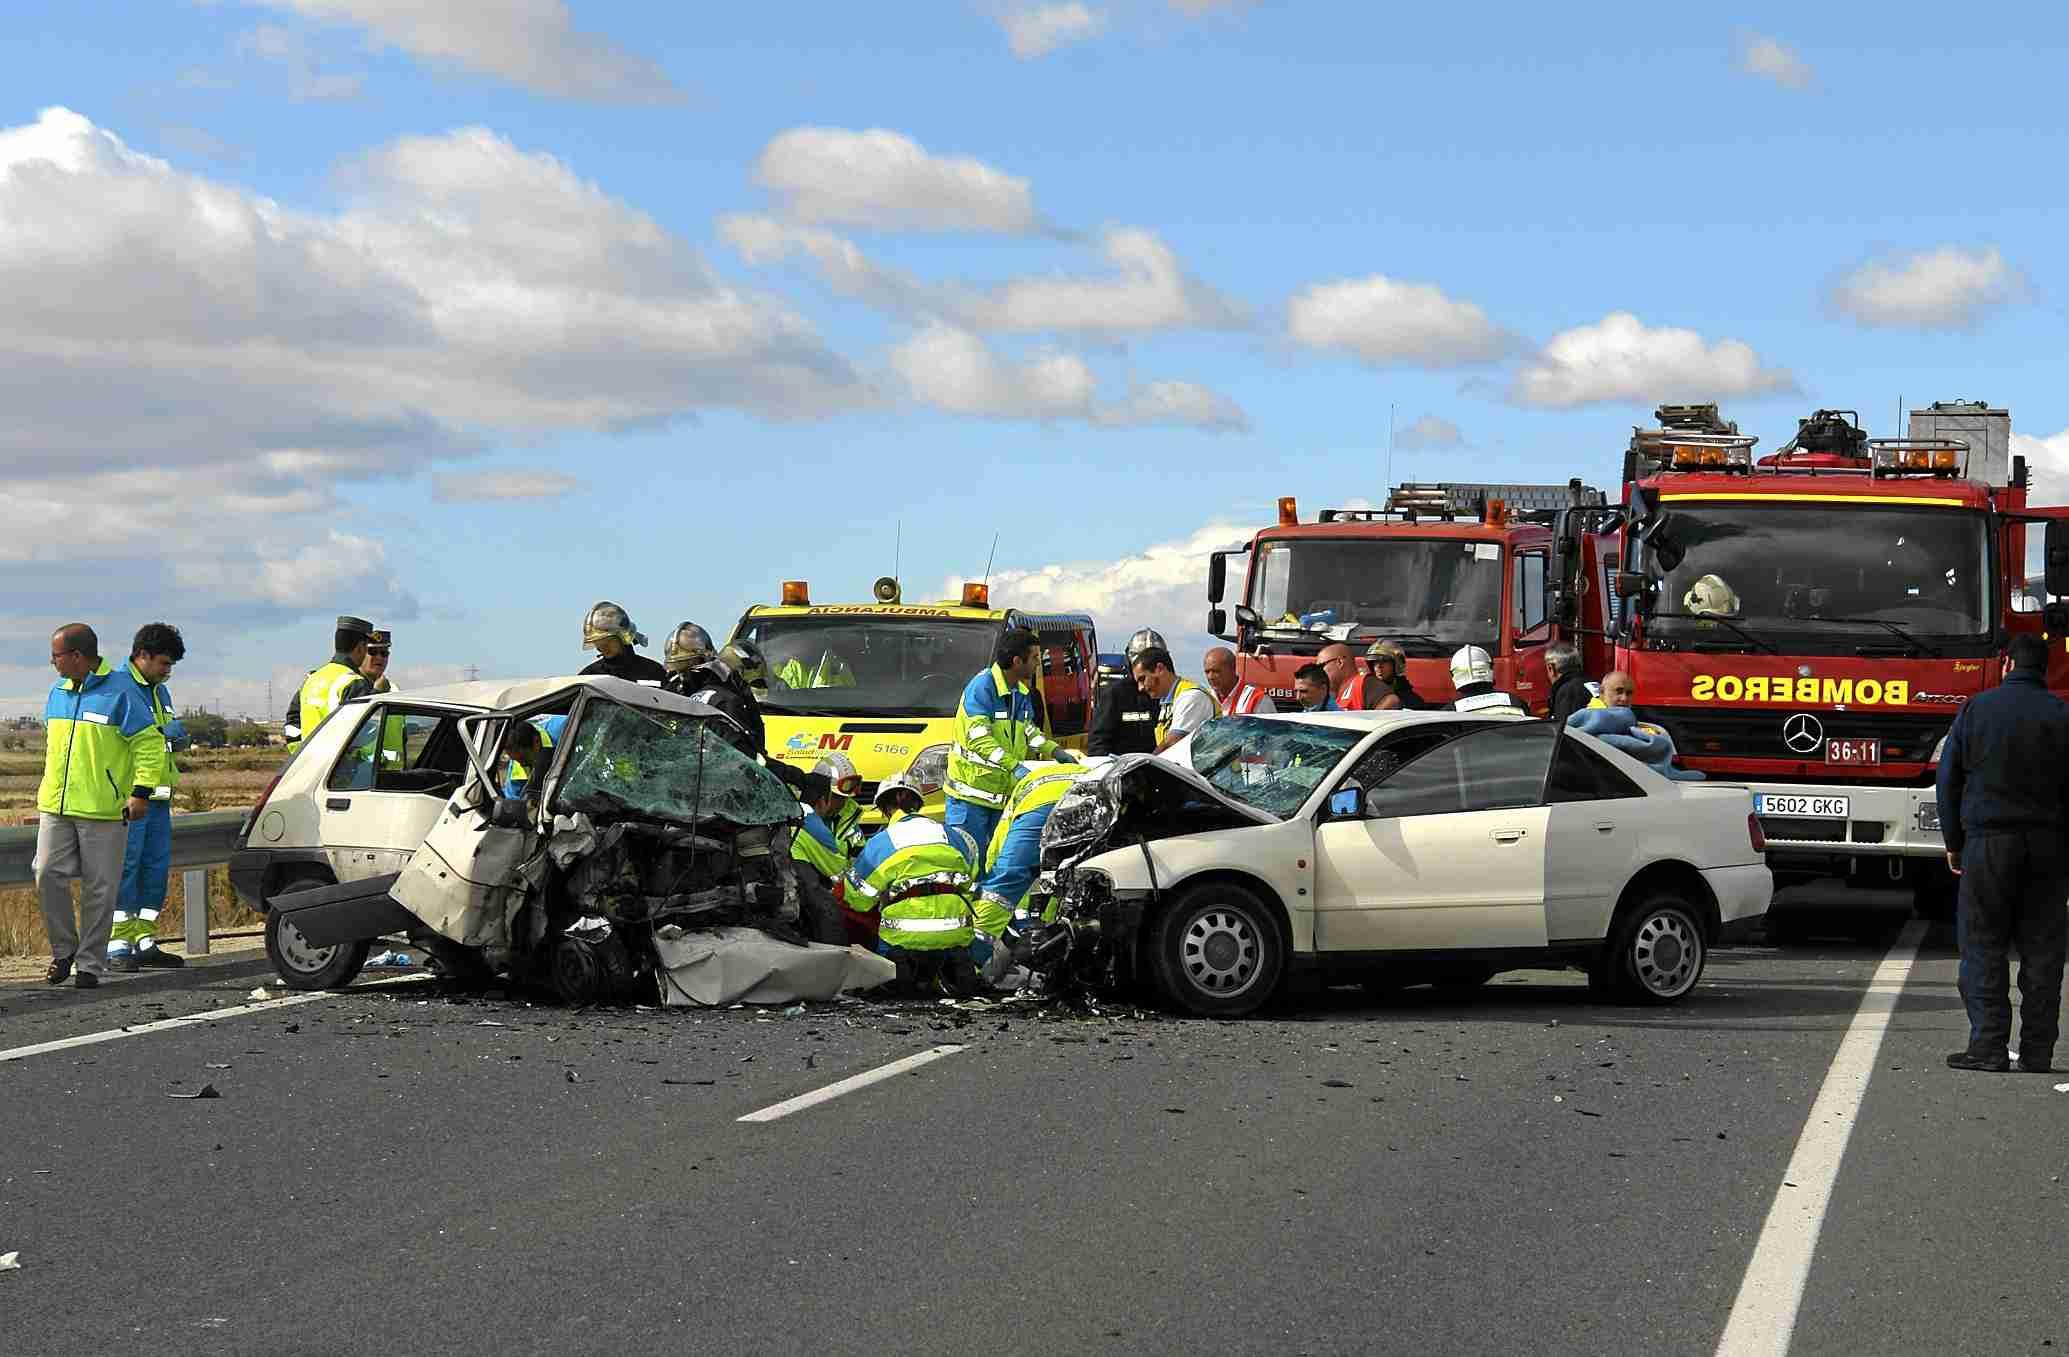 Dos coches en un accidente de tráfico, con ambulancias, personal médico y bomberos.